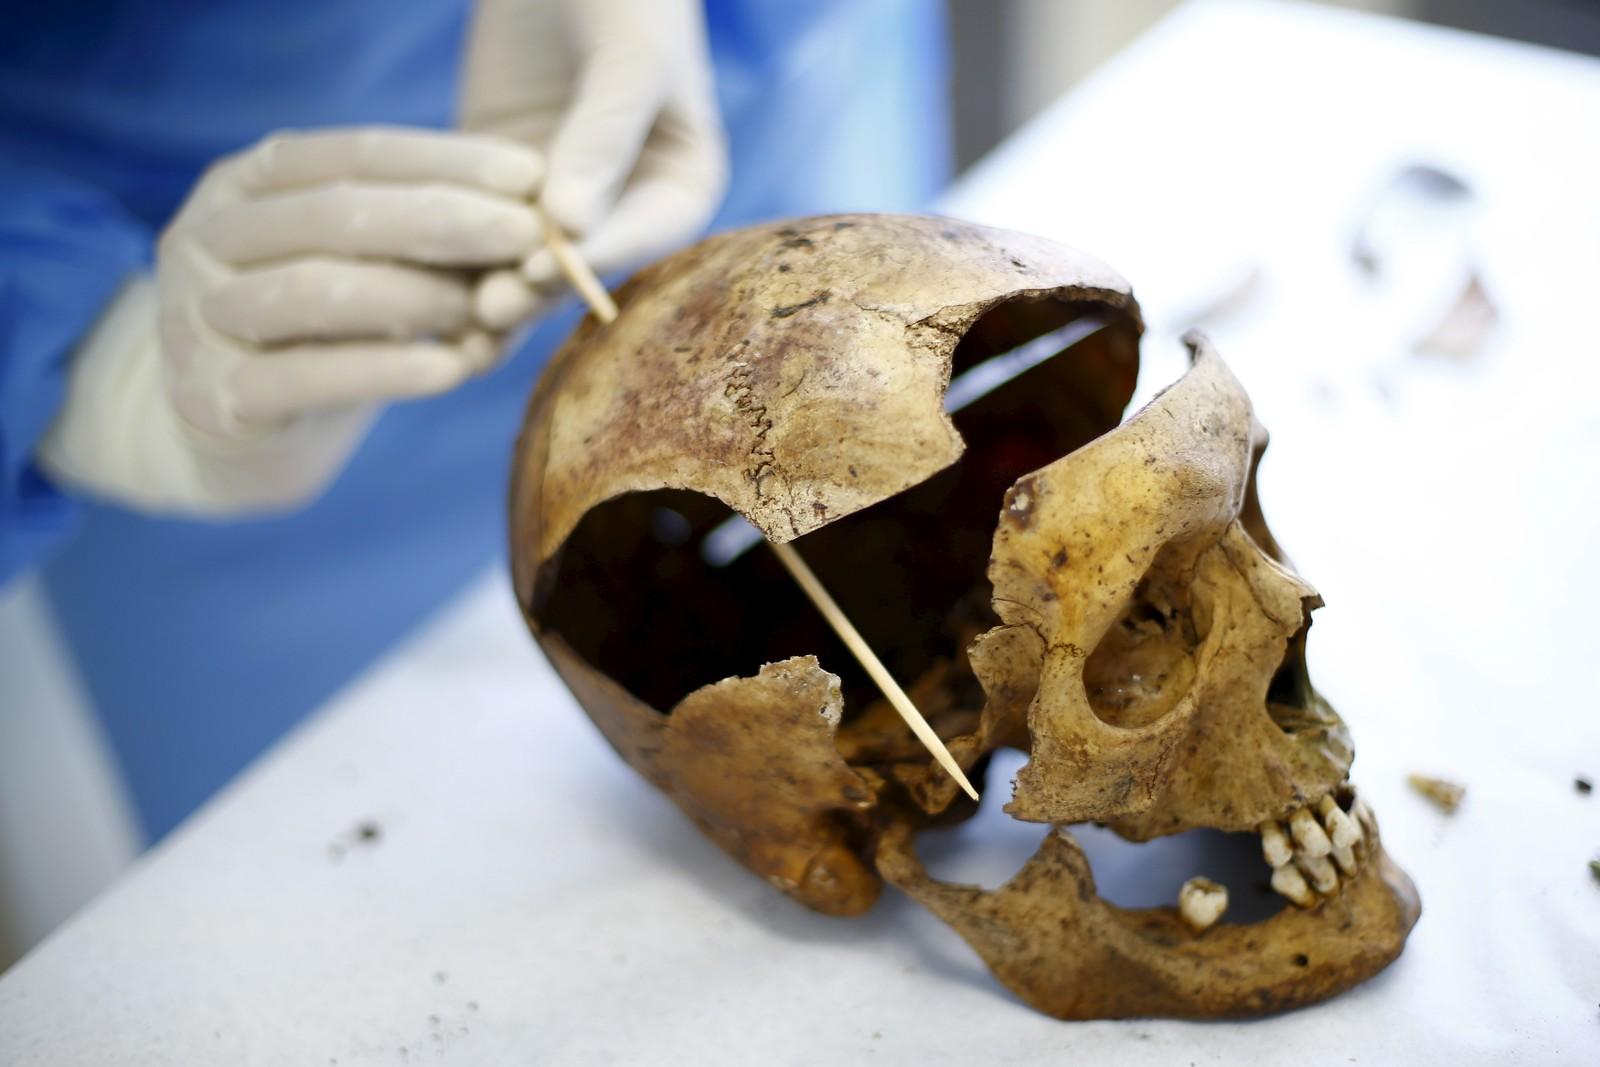 En antropolog undersøkte denne uka en hodeskalle som stammer fra en henrettelse gjort under Pinochets styre i Chile. Over 3.000 skal ha blitt drept og over 28.000 torturert under diktatorens styre som varte fra 1973-1990.